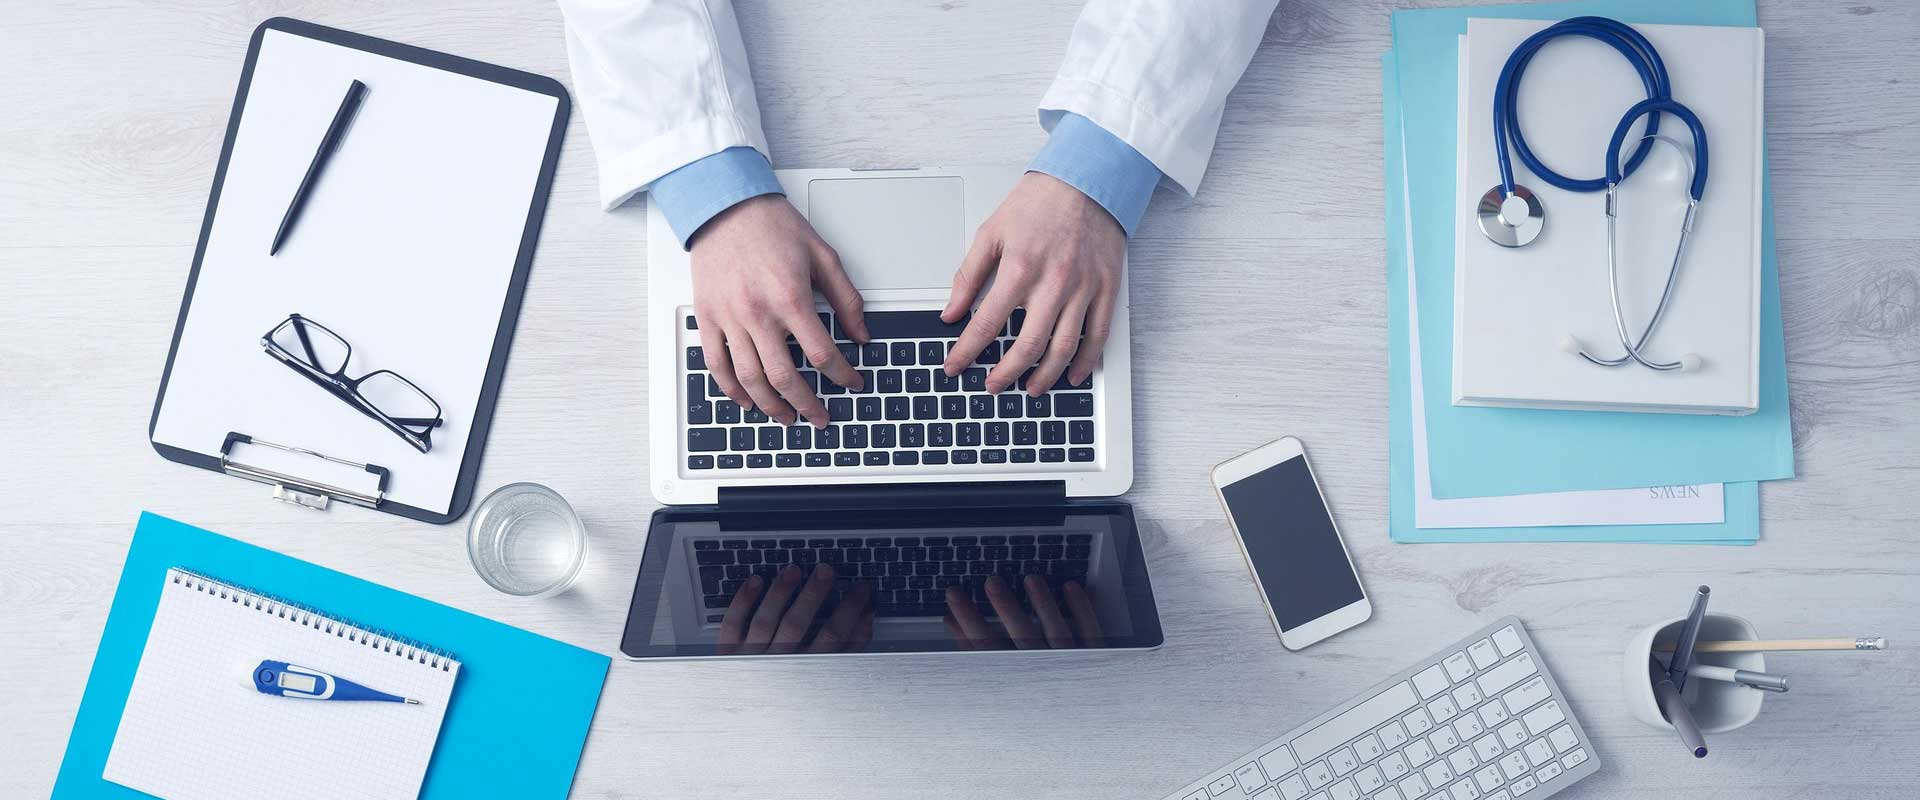 وب سرویس های ارسال نسخ و احراز هویت - پذیرش از دور - نسخه الکترونیک